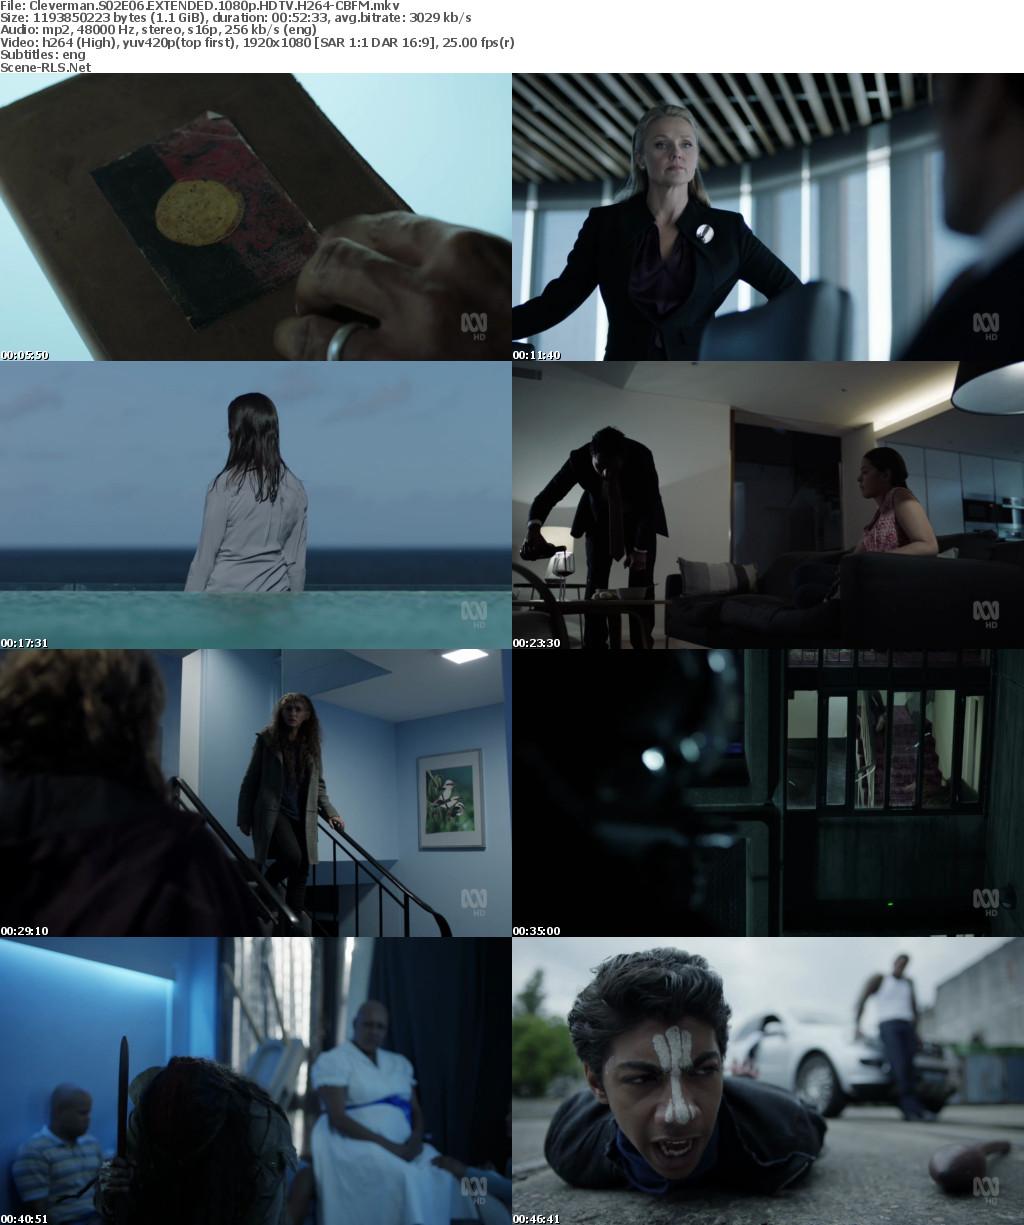 Cleverman S02E06 EXTENDED 720p HDTV x264-CBFM - Scene Release